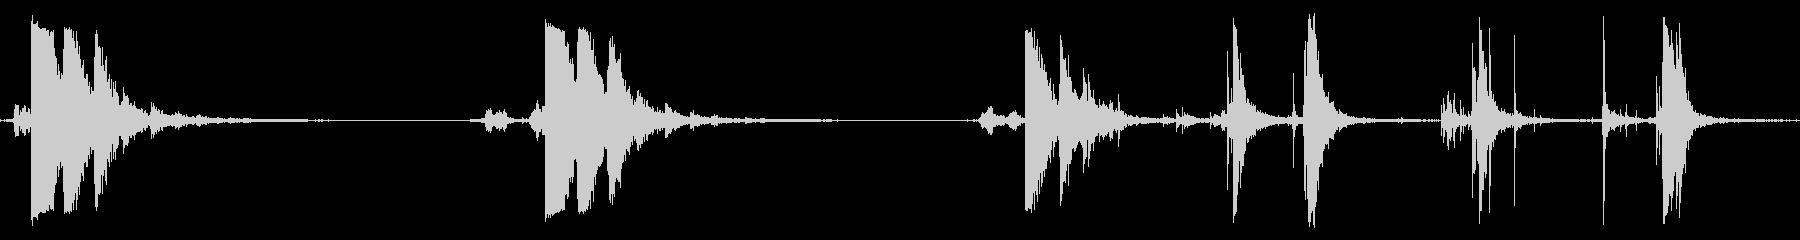 ごみ箱蓋:ハードクローズアンドバウ...の未再生の波形